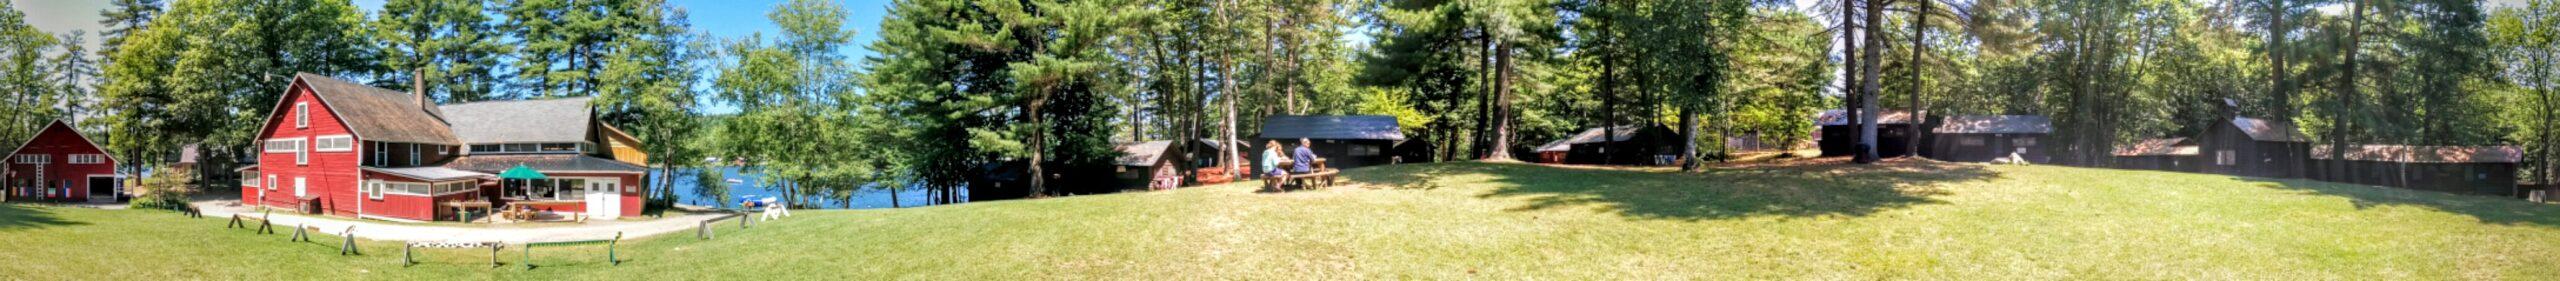 Camp Farwell pan